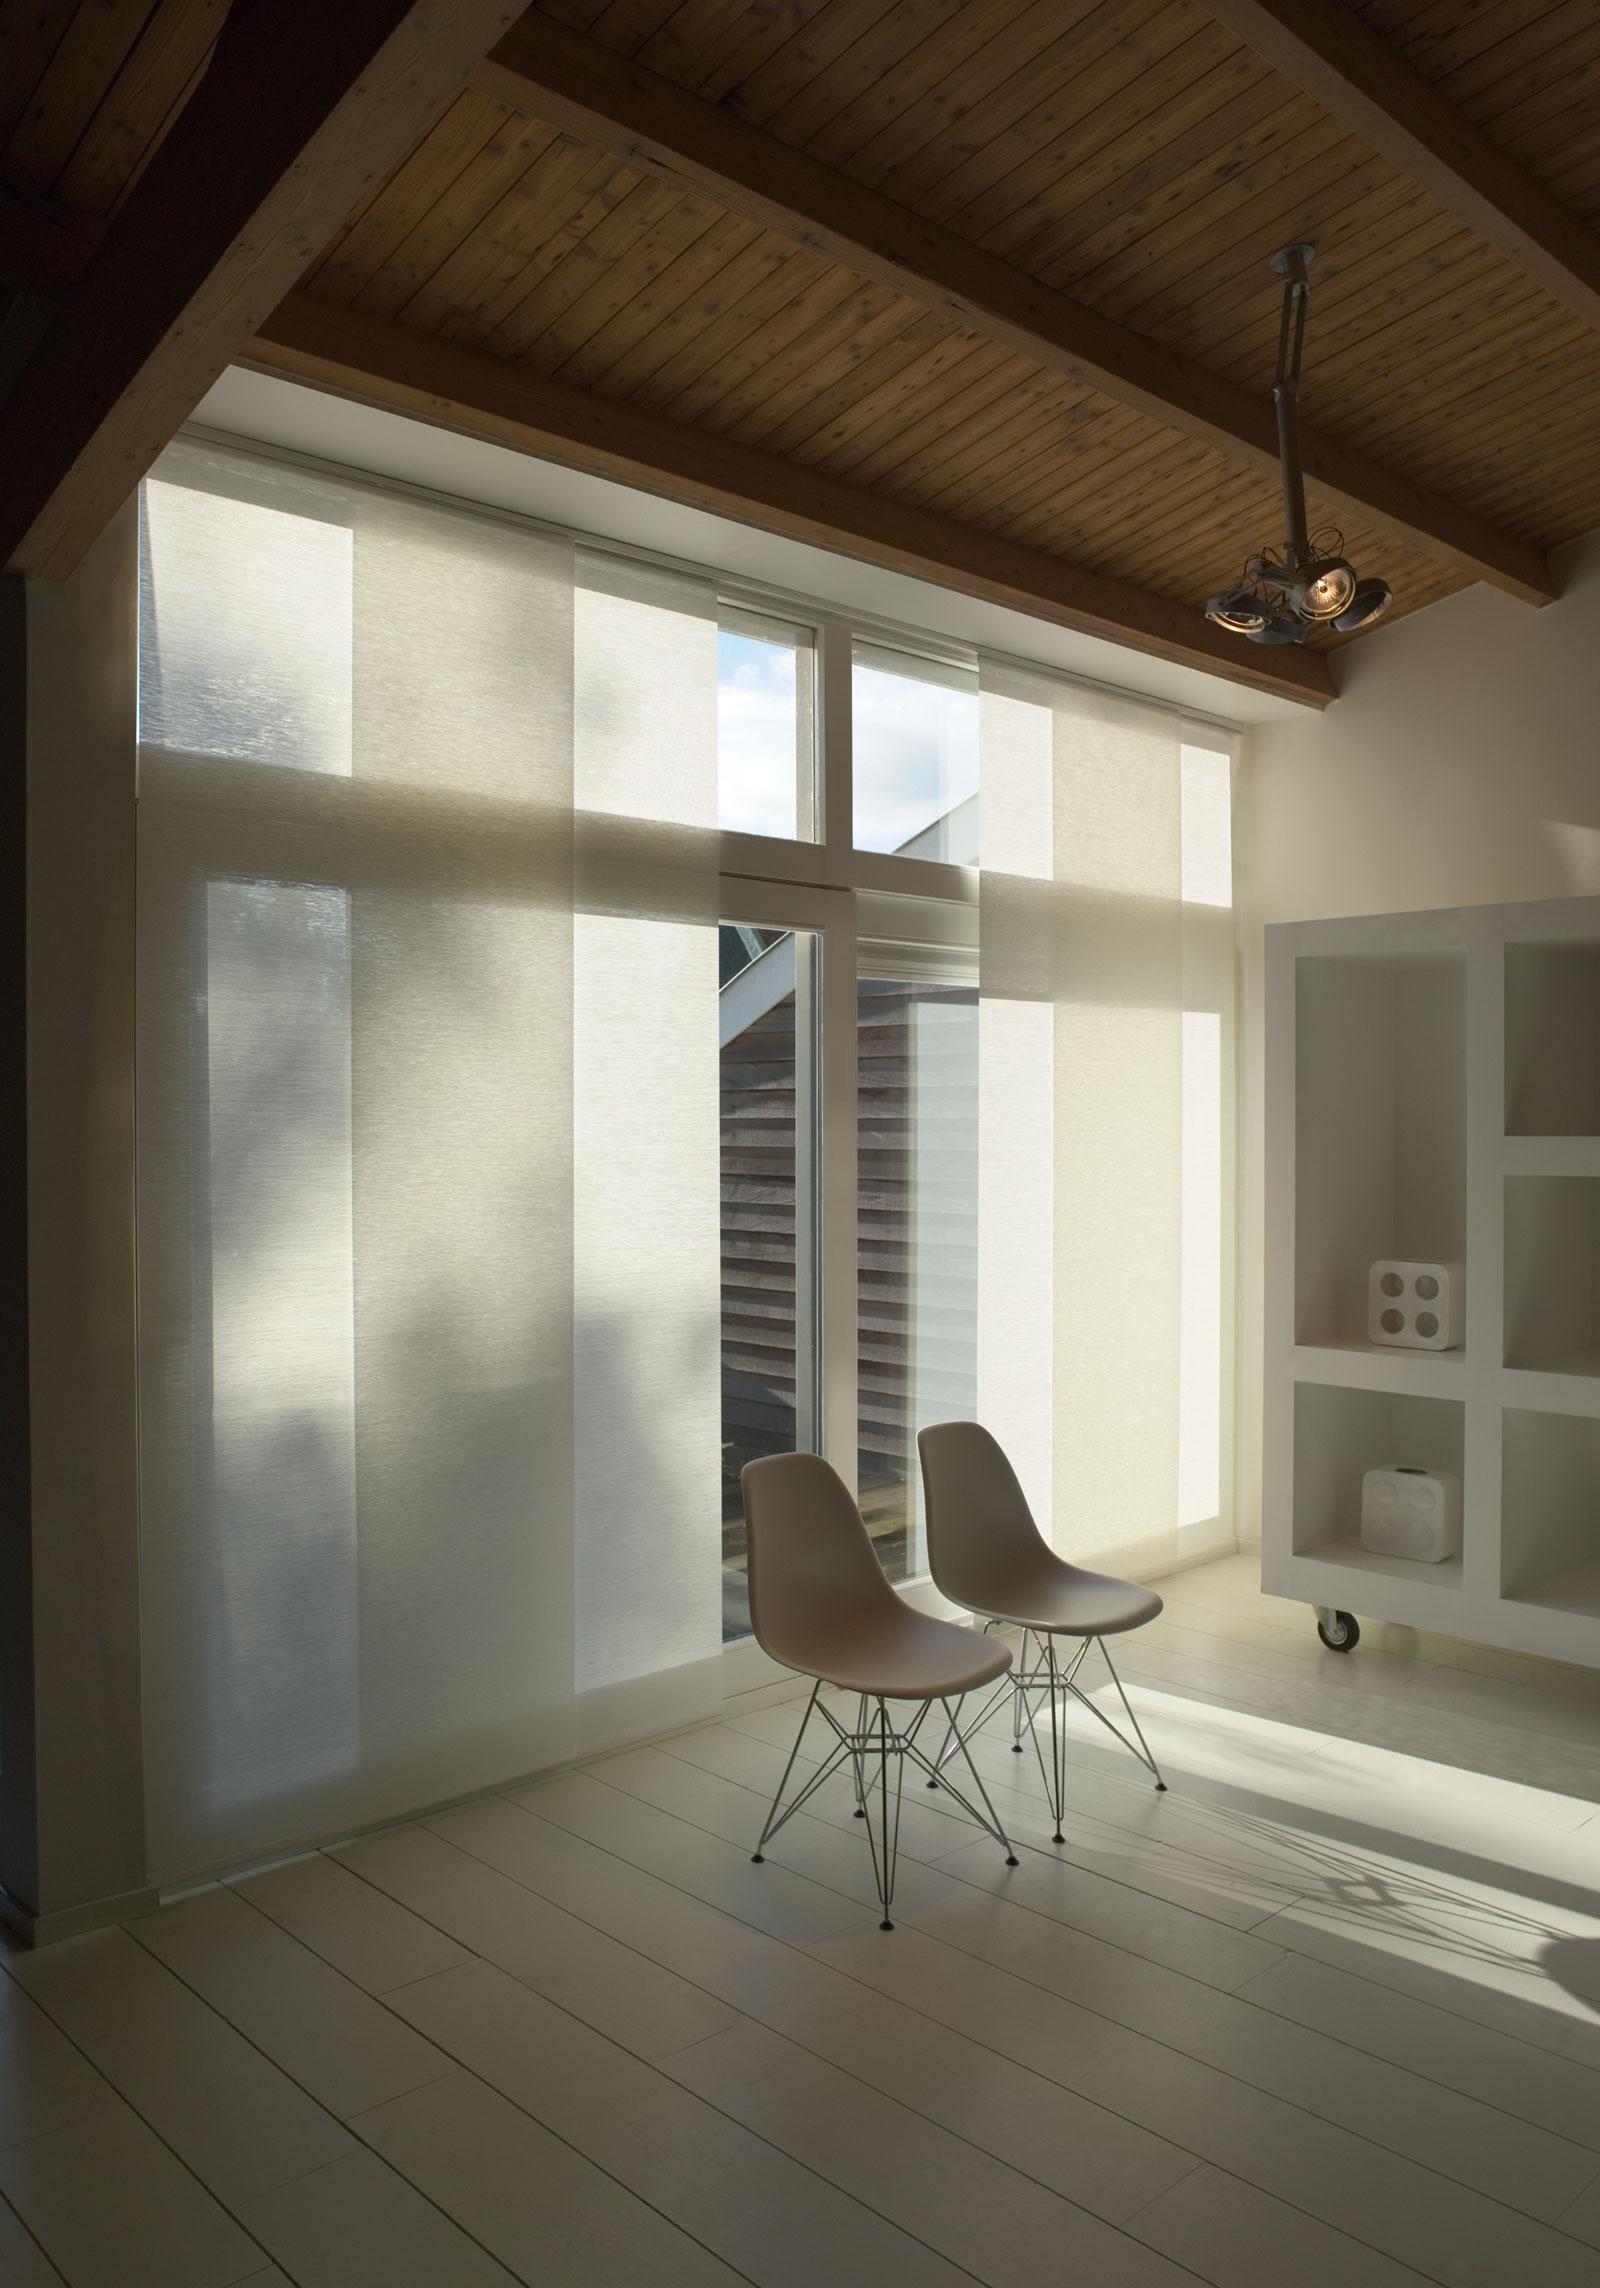 Hochwertiger Sonnenschutz, Sichtschutz und Lichtschutz - Lamellenvorhang - Senkrechtlamellen - Flächenvorhänge Weiß bodenlang - Dr. Haller + Co. - Selastore®Flächenvorhänge Weiß